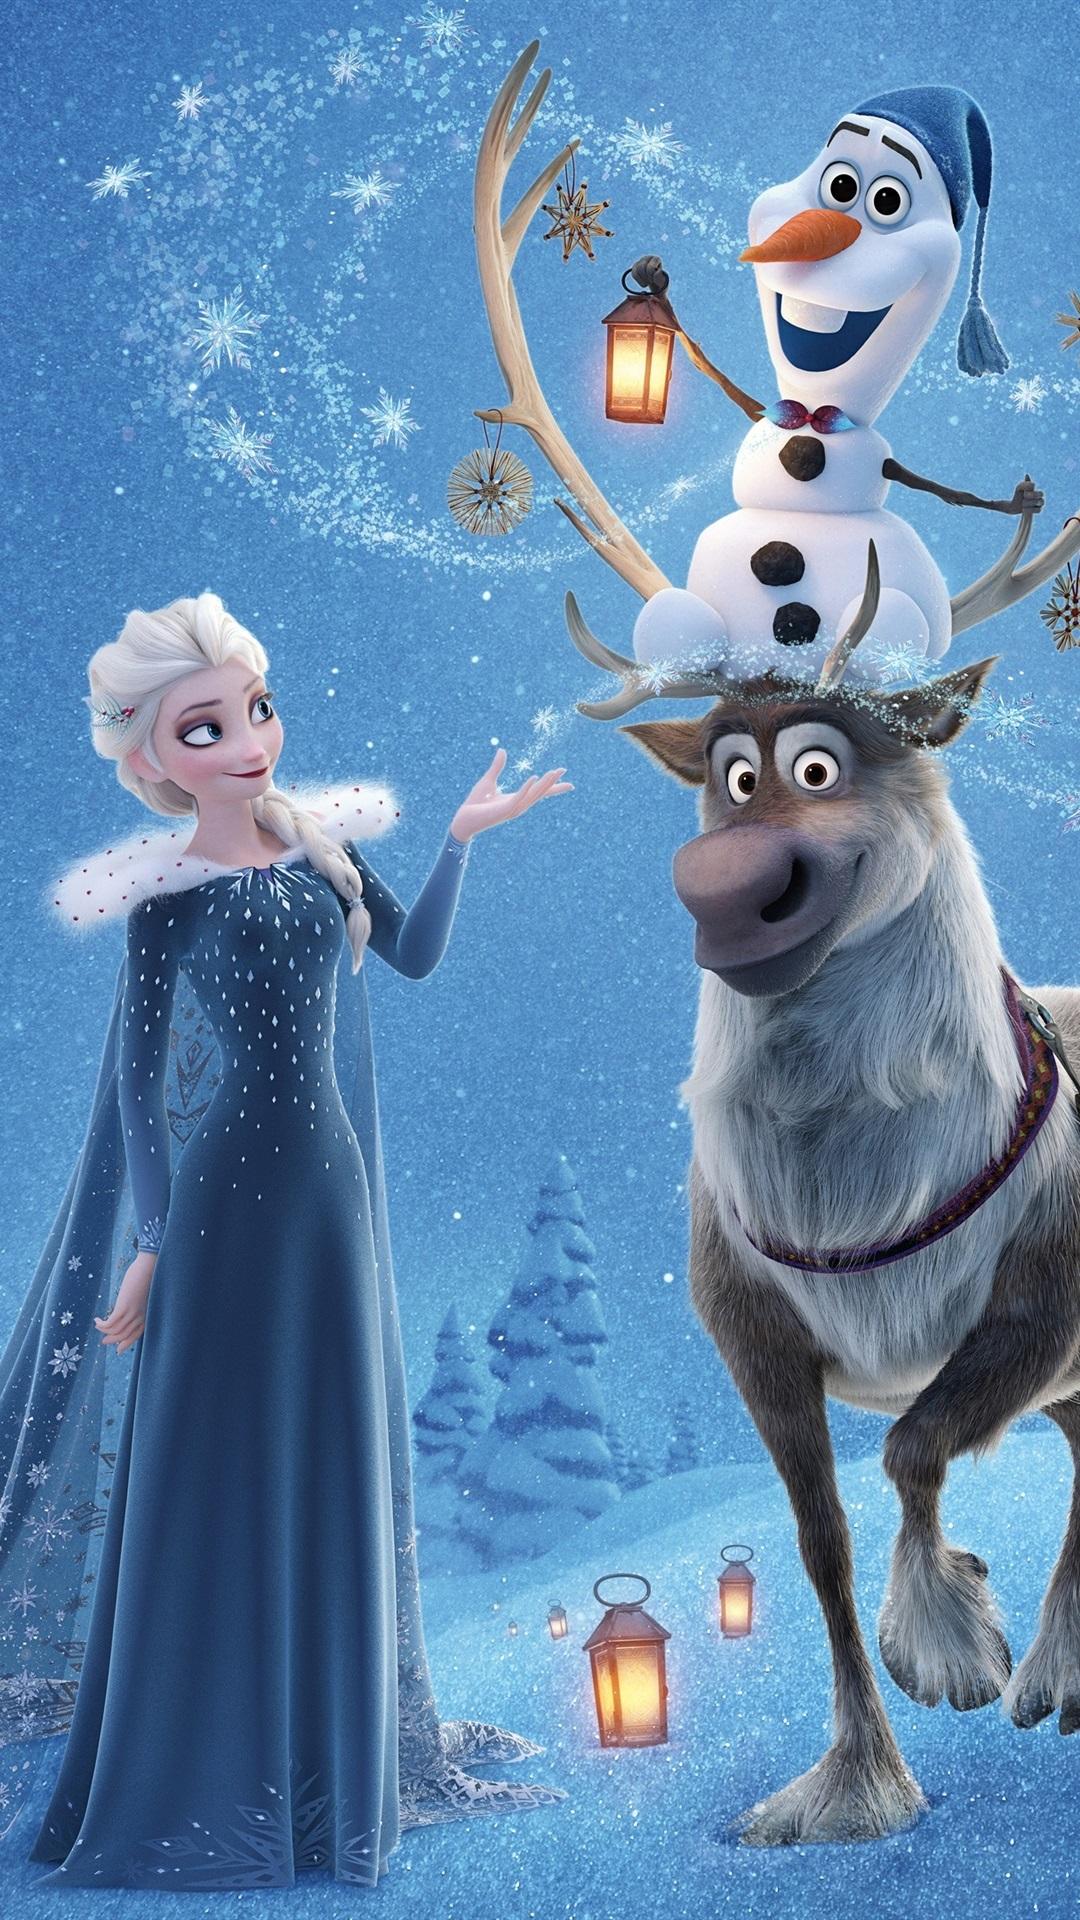 Wallpaper Frozen Elsa Anna Deer Snowman Disney Cartoon Movie